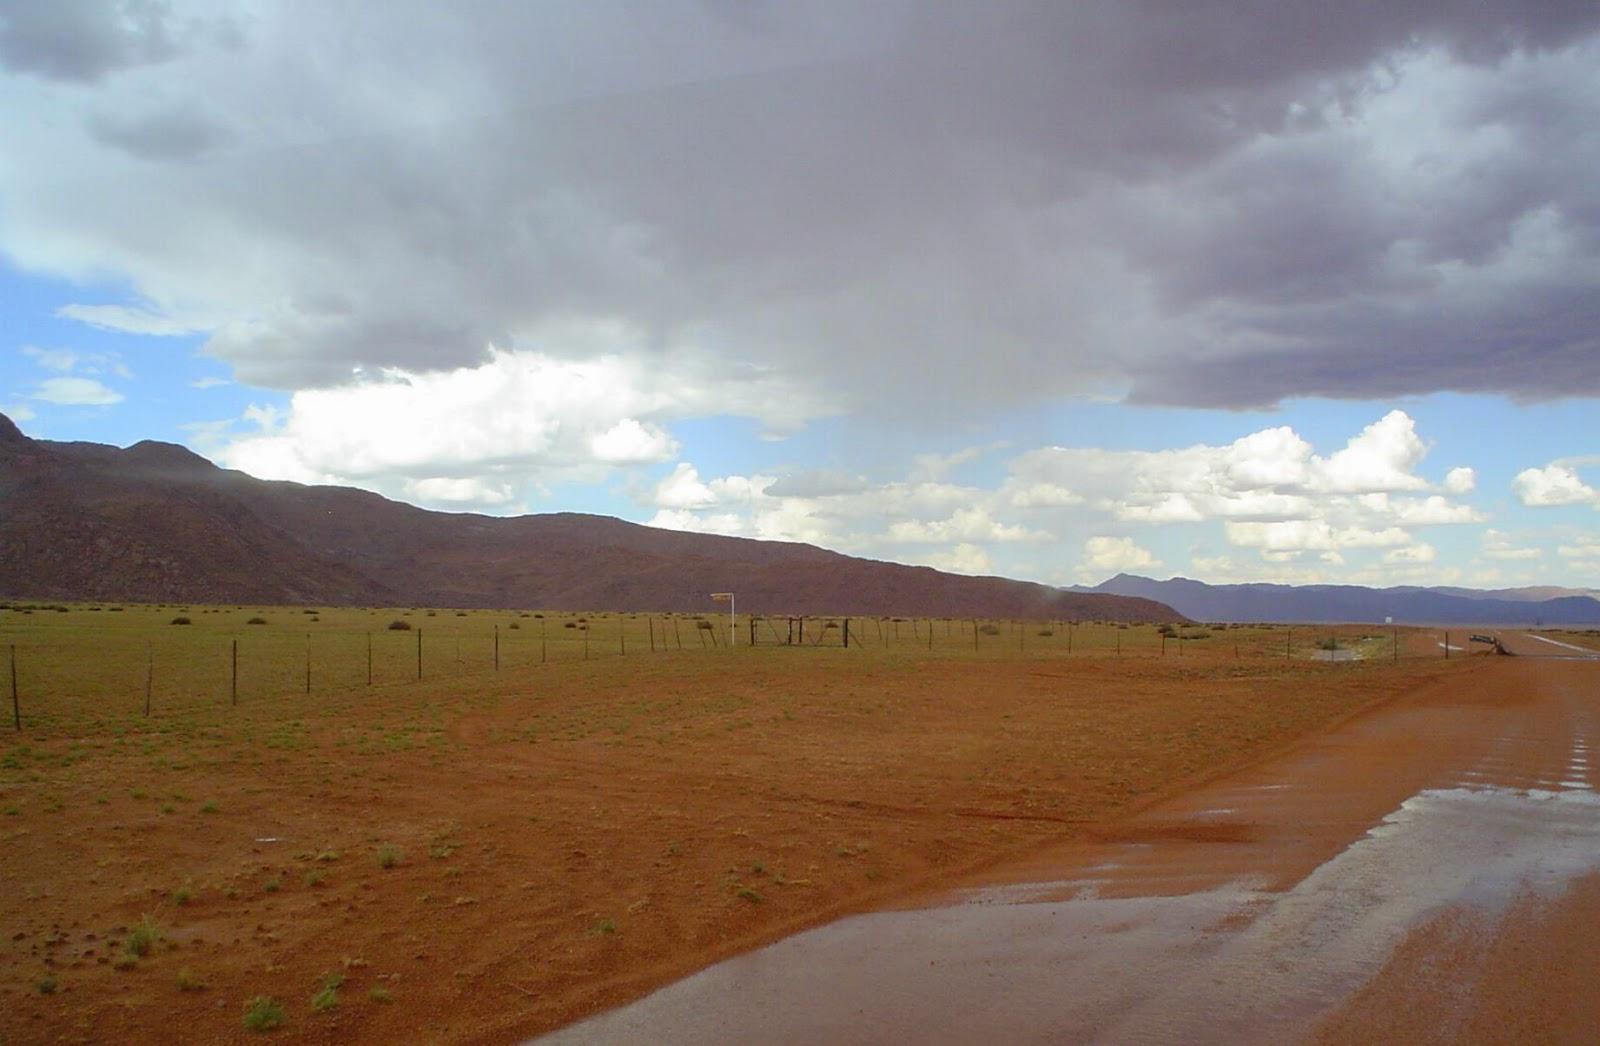 Scenic route 707 in rainy season, Namibia - www.namibweb.com